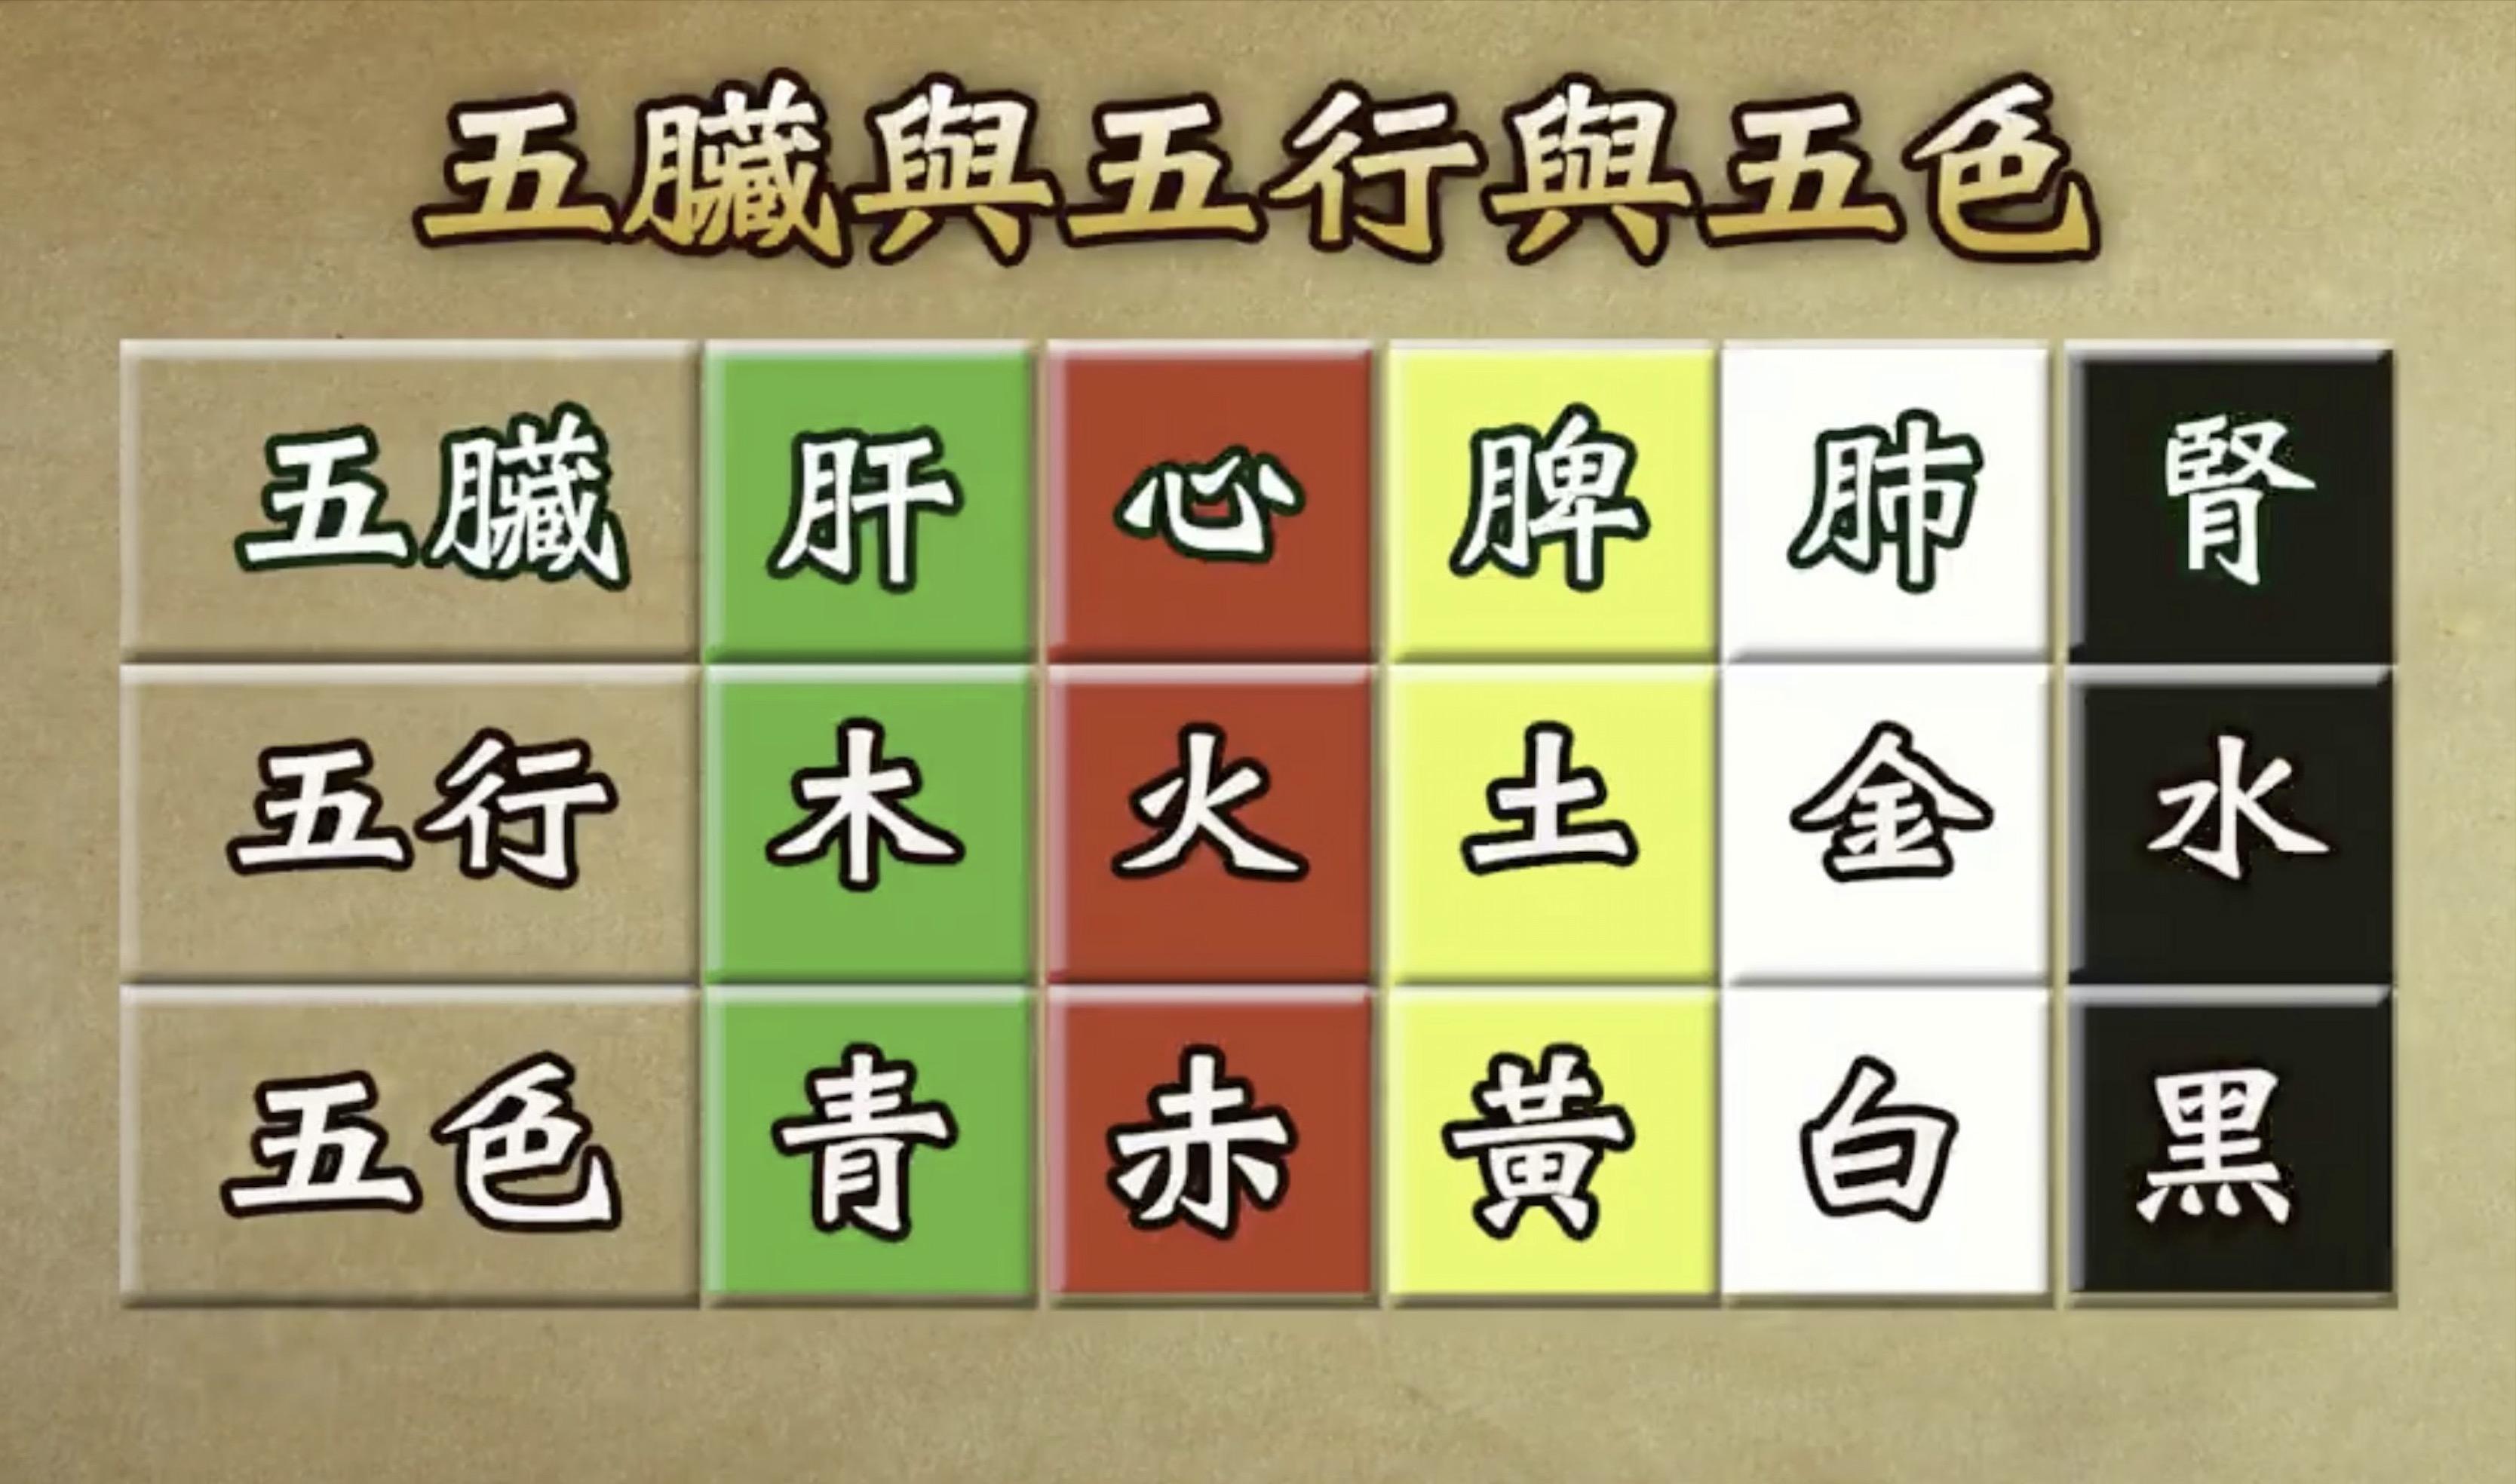 五臟、五行、五色對照表。(新唐人電視台提供)